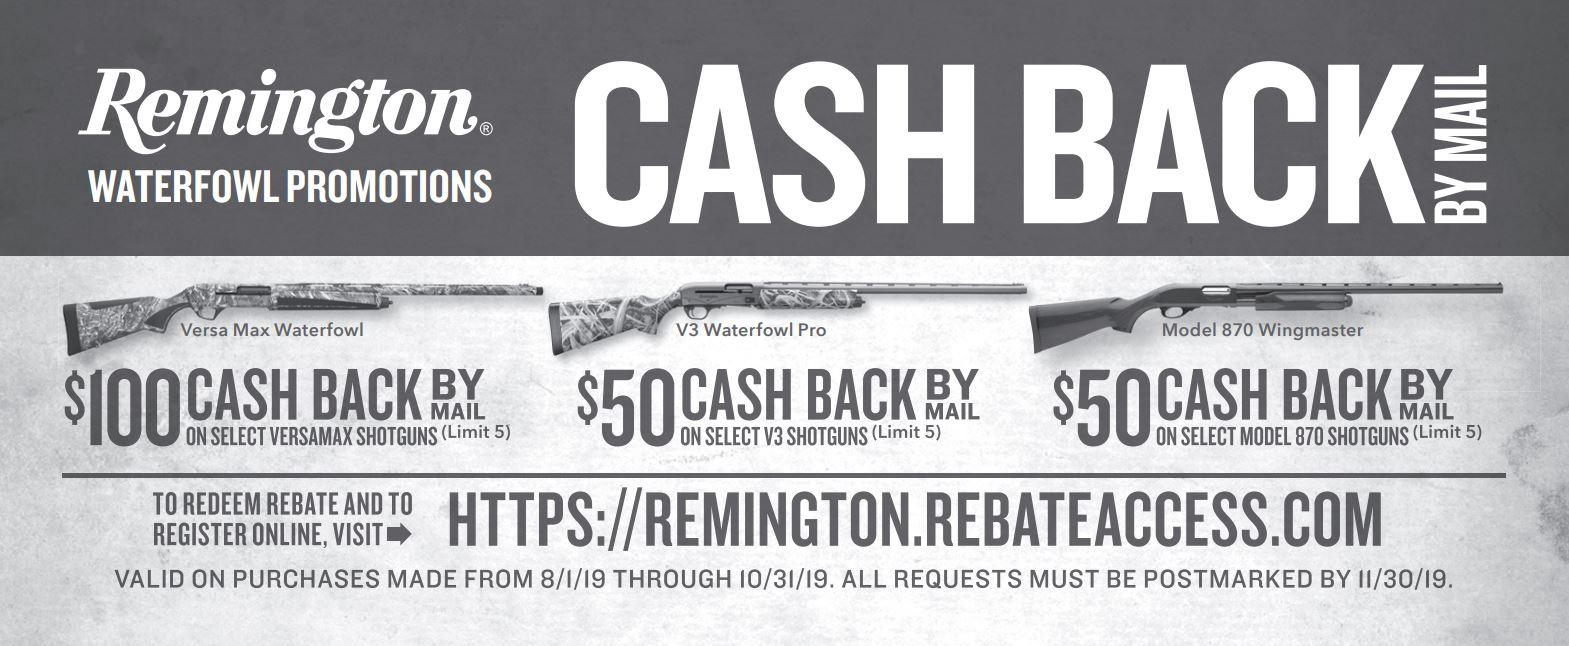 rem-shotguns-upto100-cashback.jpg